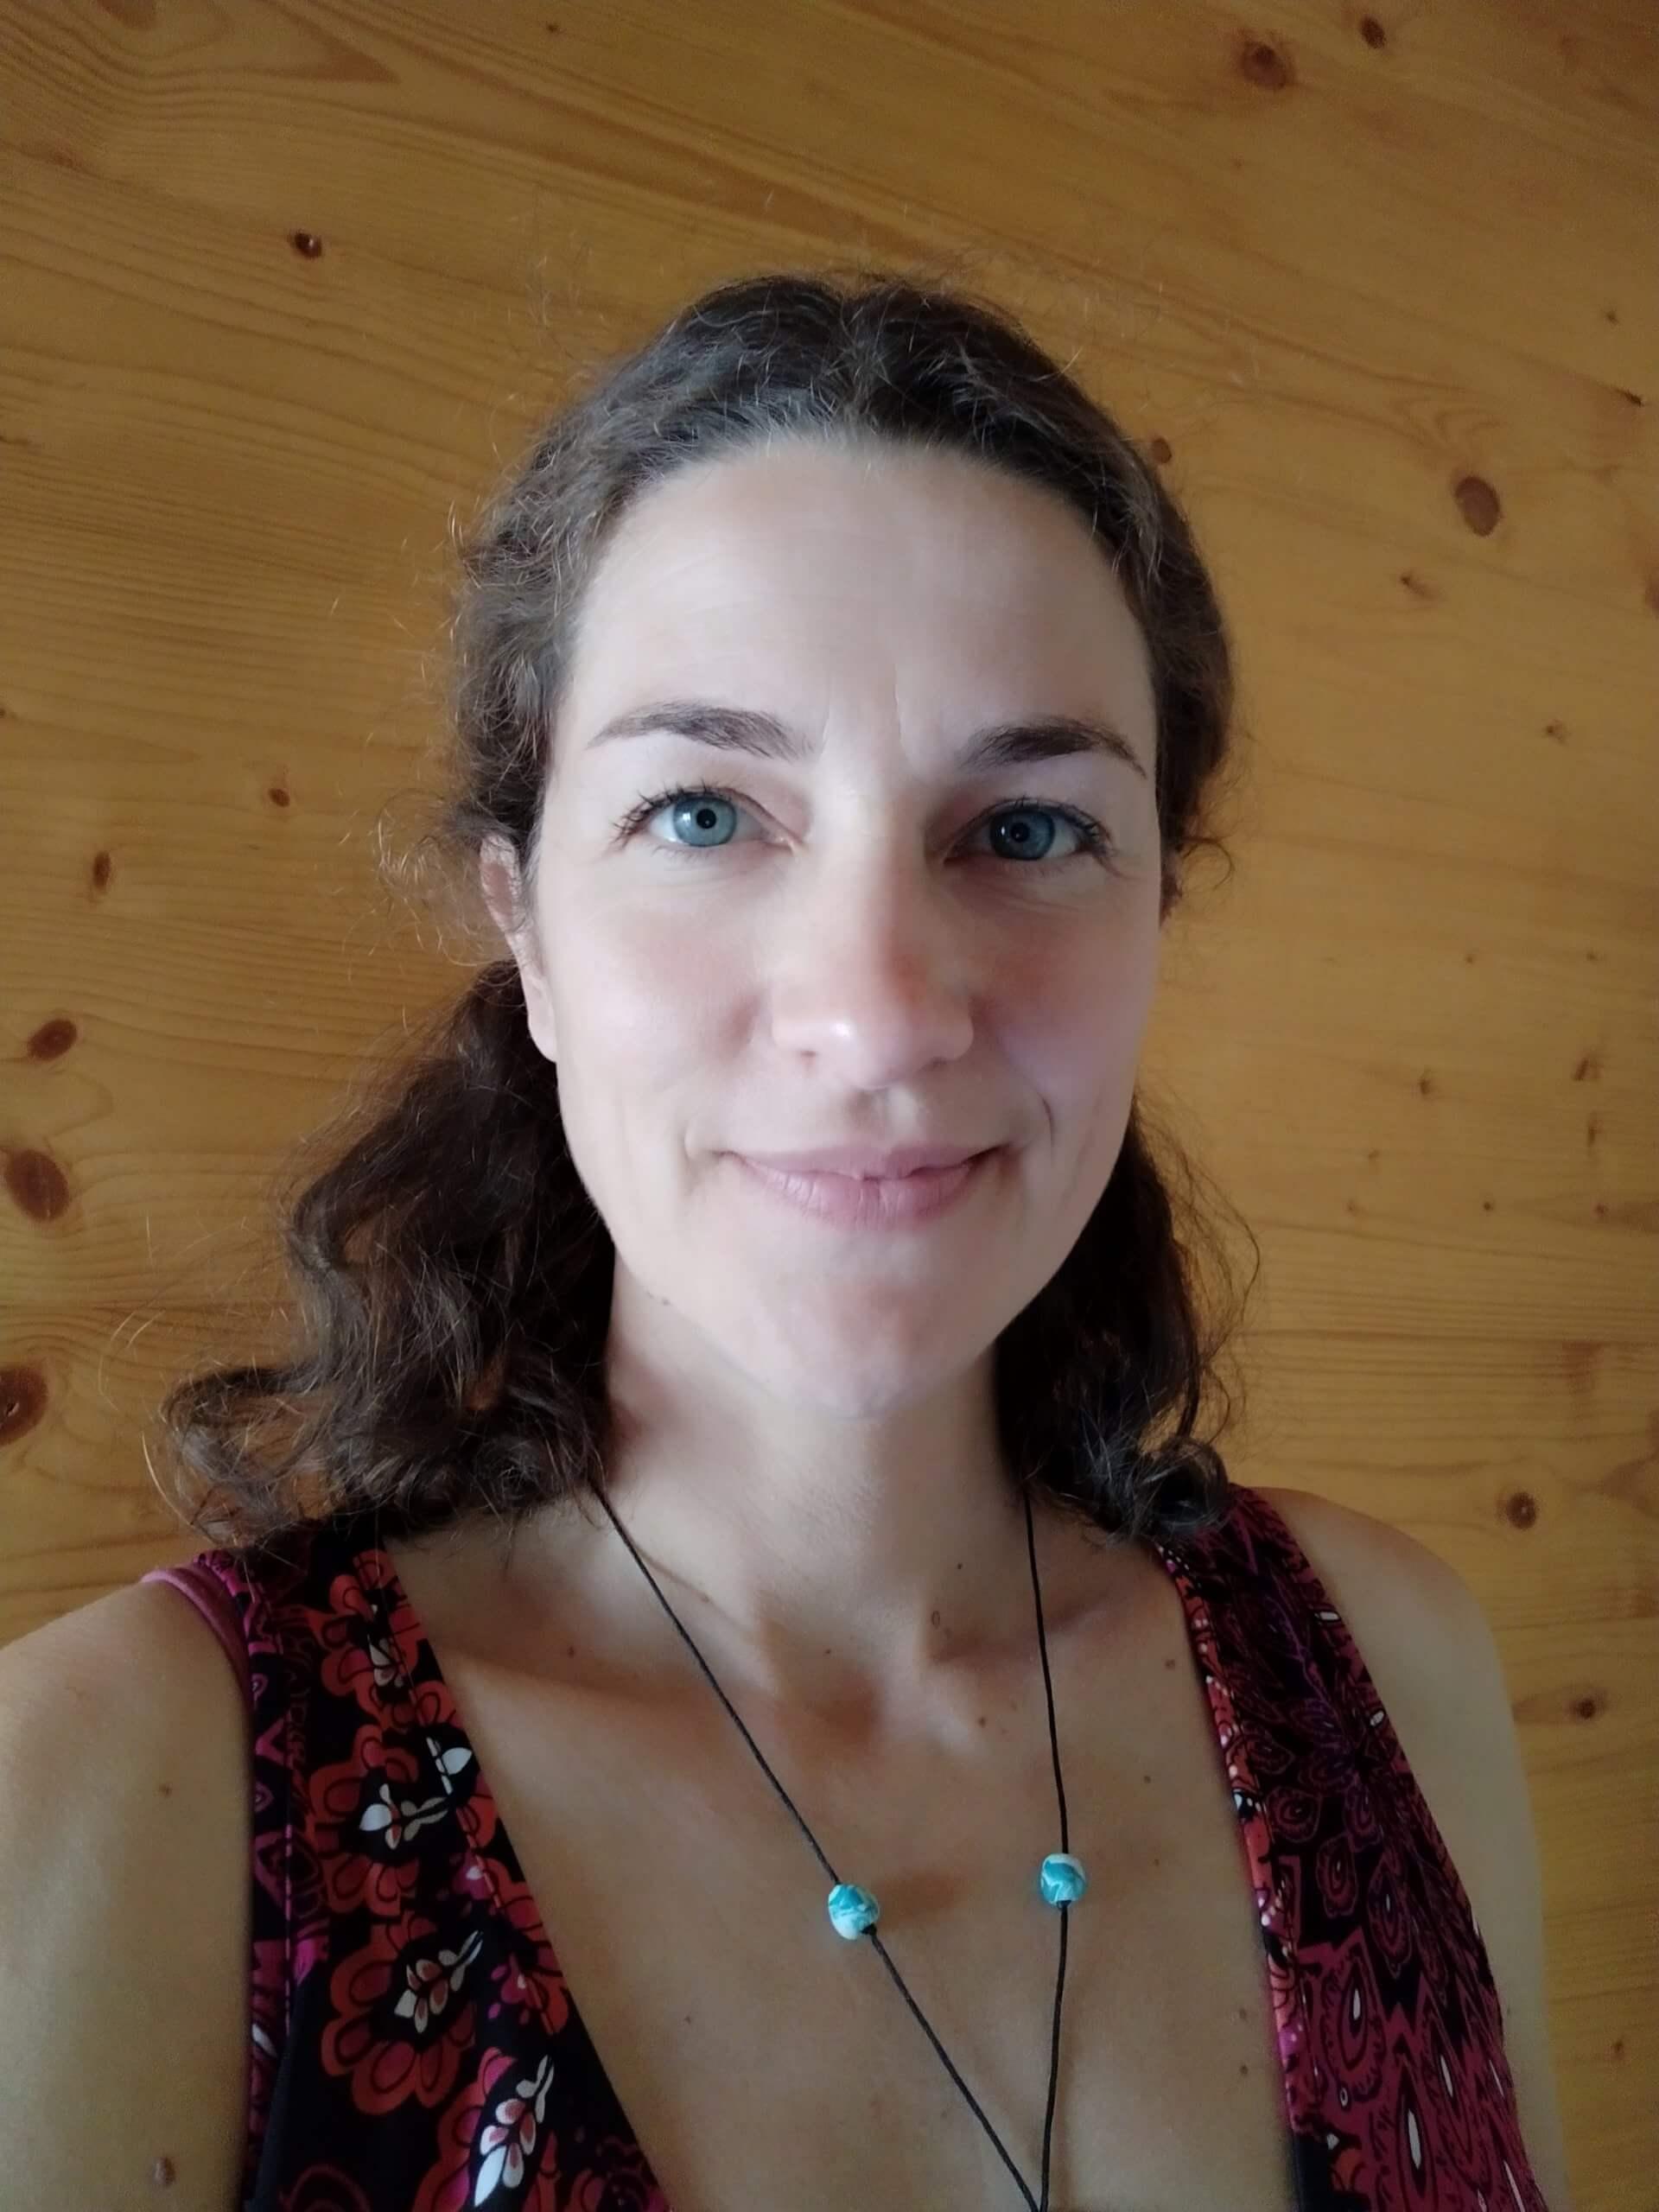 Qui suis-je Stéphanie Dompmartin ReflexoTerreApis Réflexologie Réflexologue Massage Groisy Cruseilles Annecy Haute-Savoie